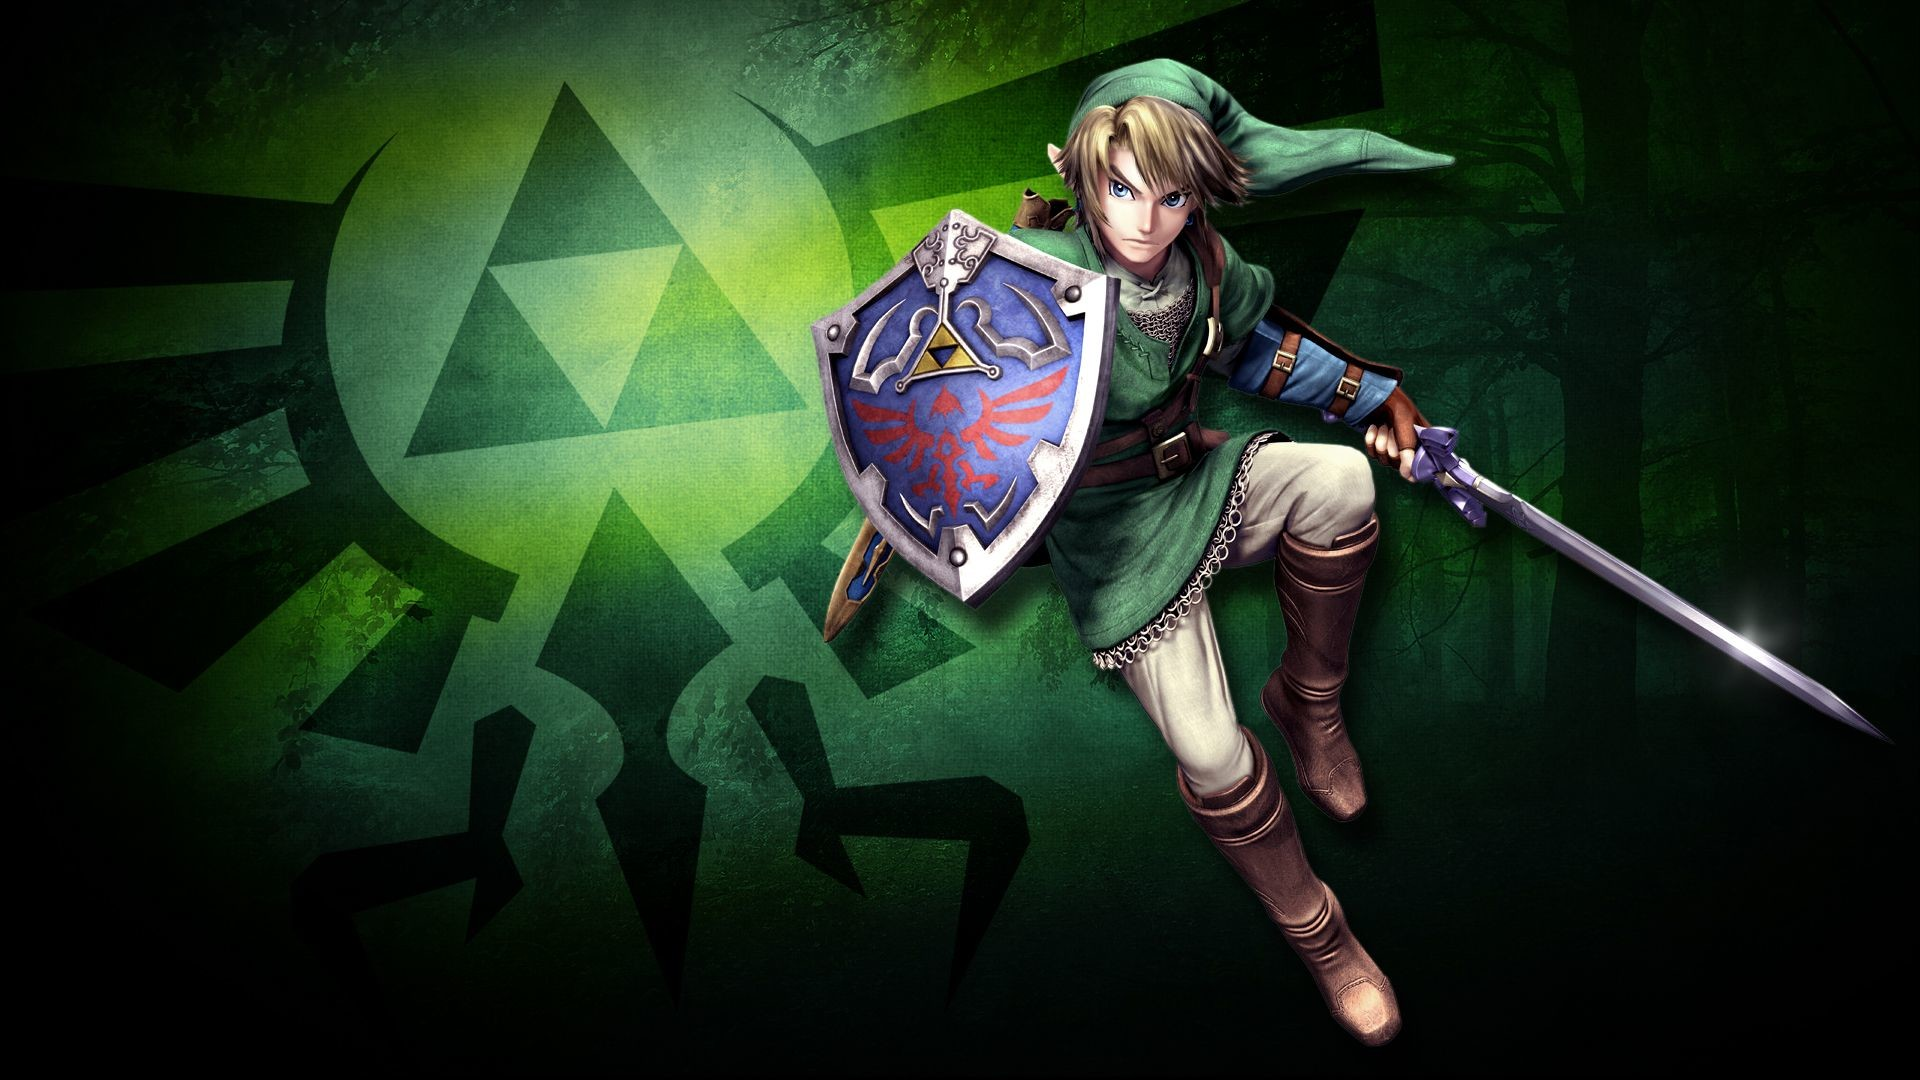 Legend Of Zelda Cell Phone Wallpapers Best Wallpaper